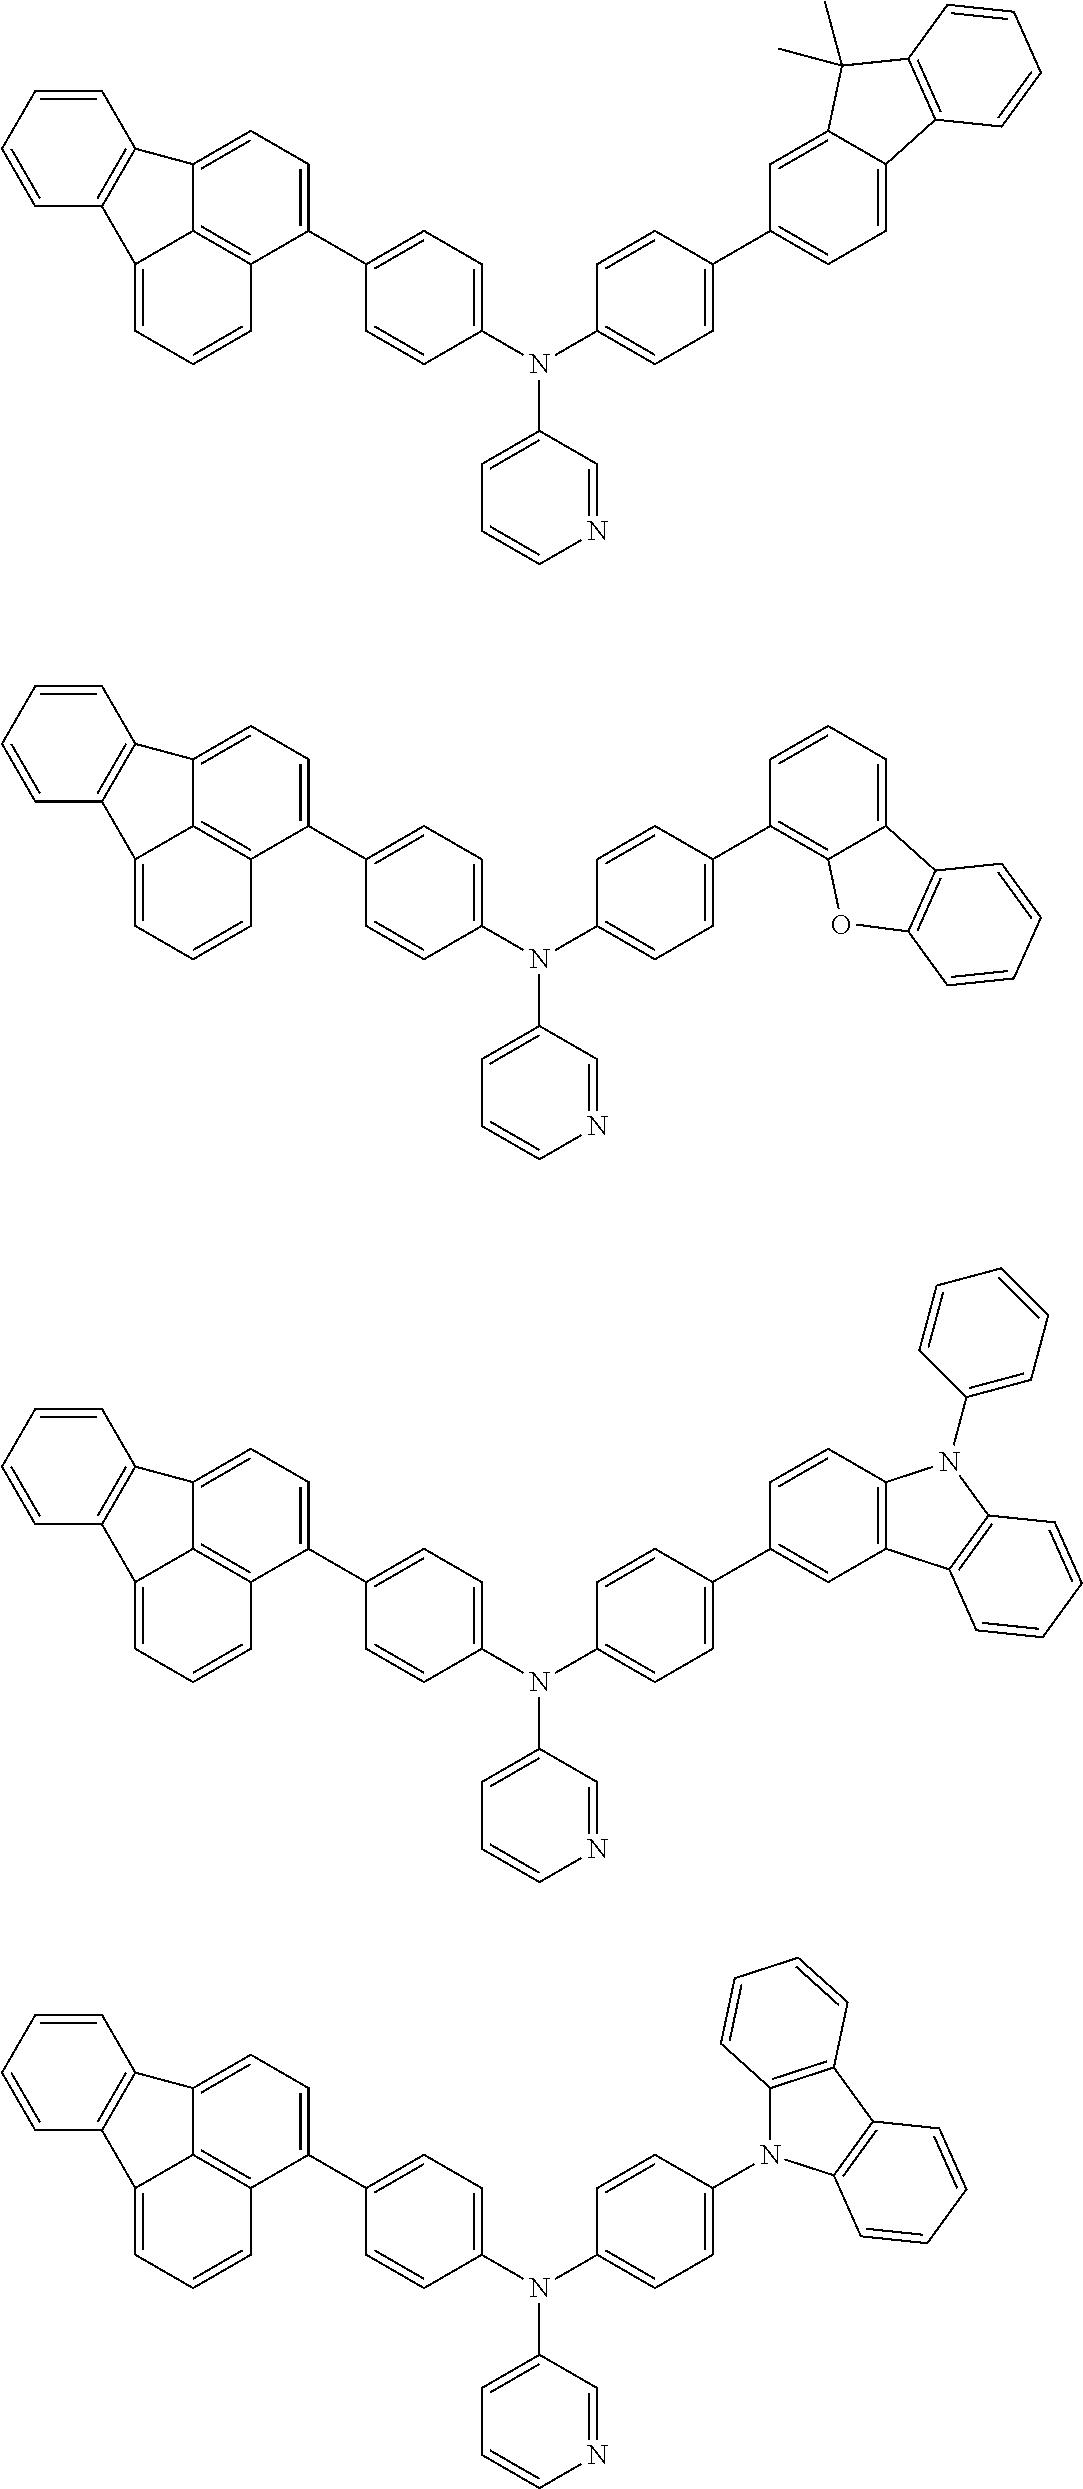 Figure US20150280139A1-20151001-C00105